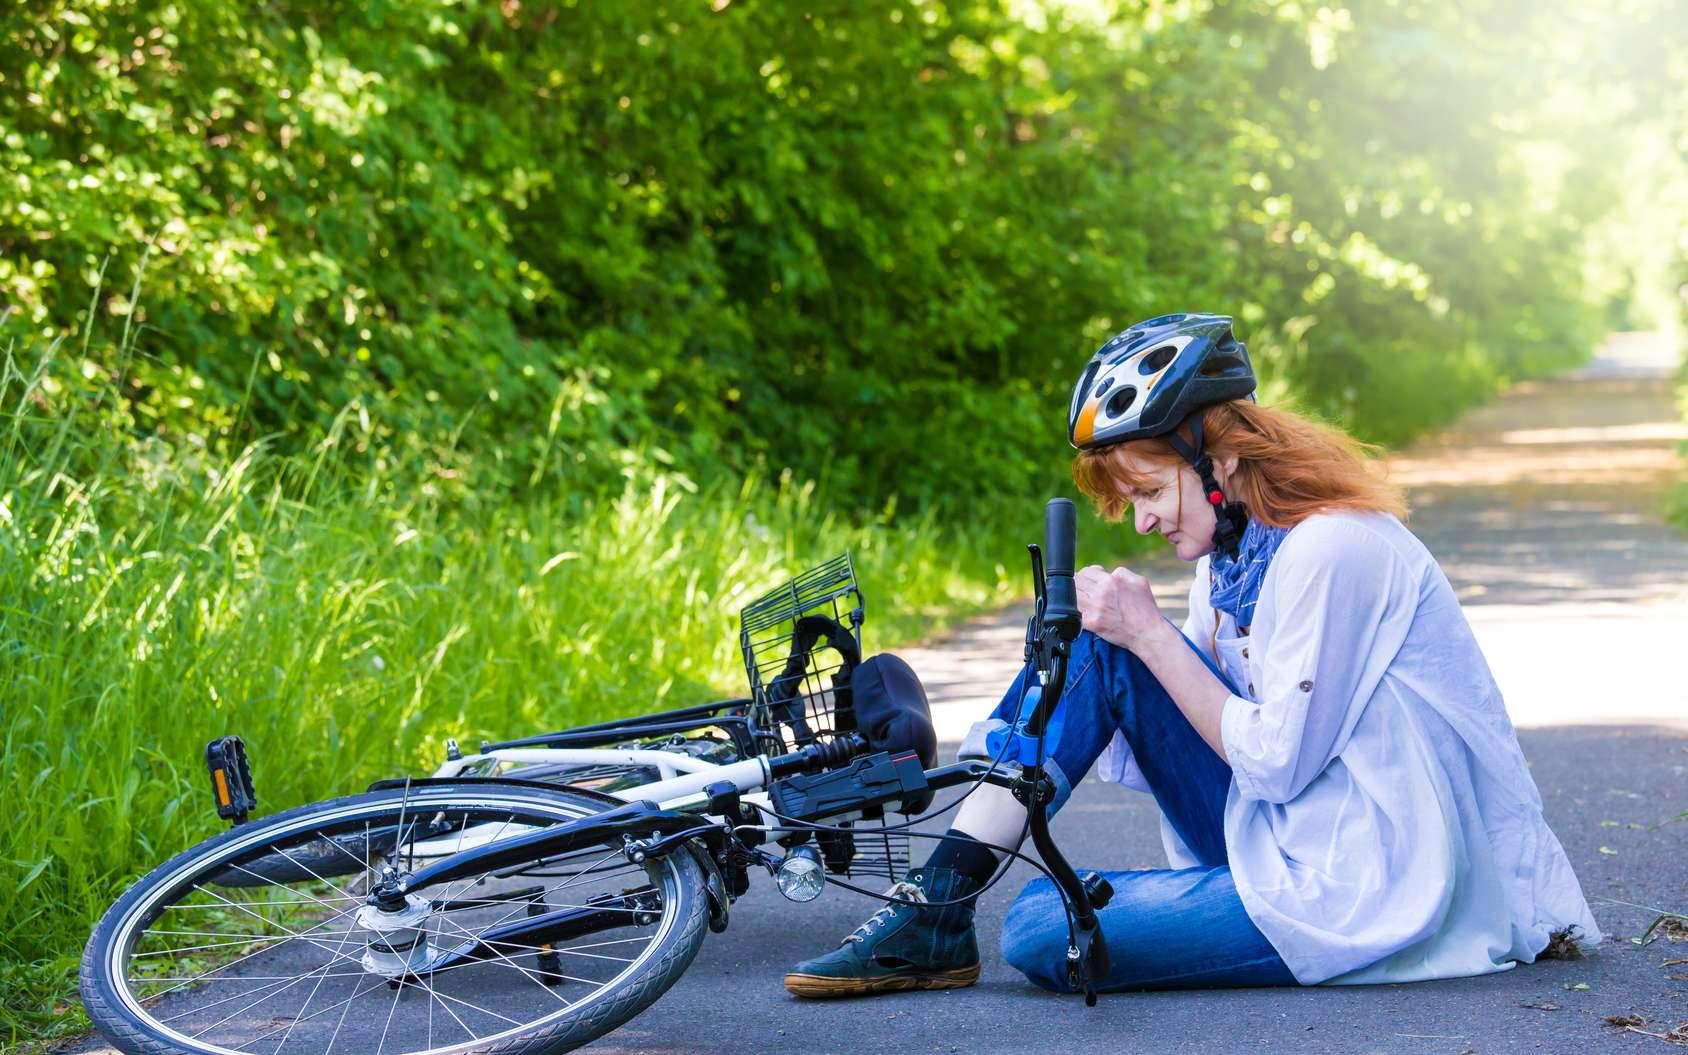 Qu'est-ce qu'un accident ? © Rainer Fuhrmann, fotolia